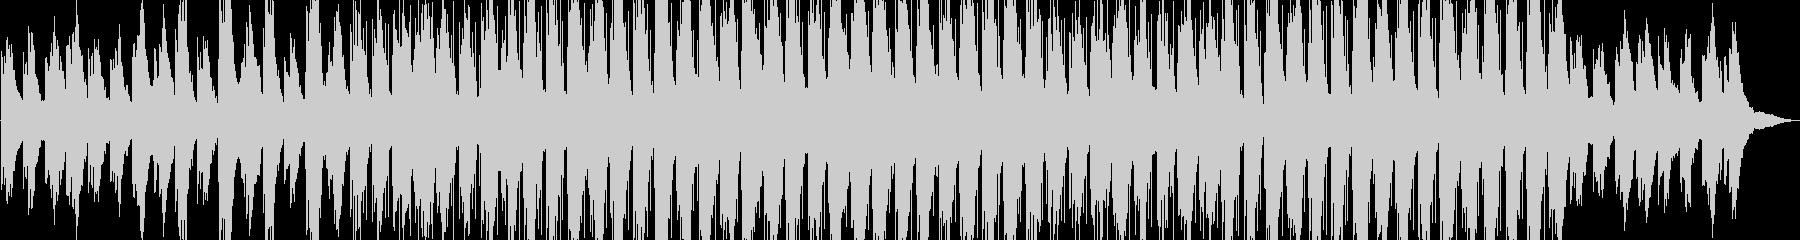 ほのぼの・爽やか・映像・イベント用の未再生の波形